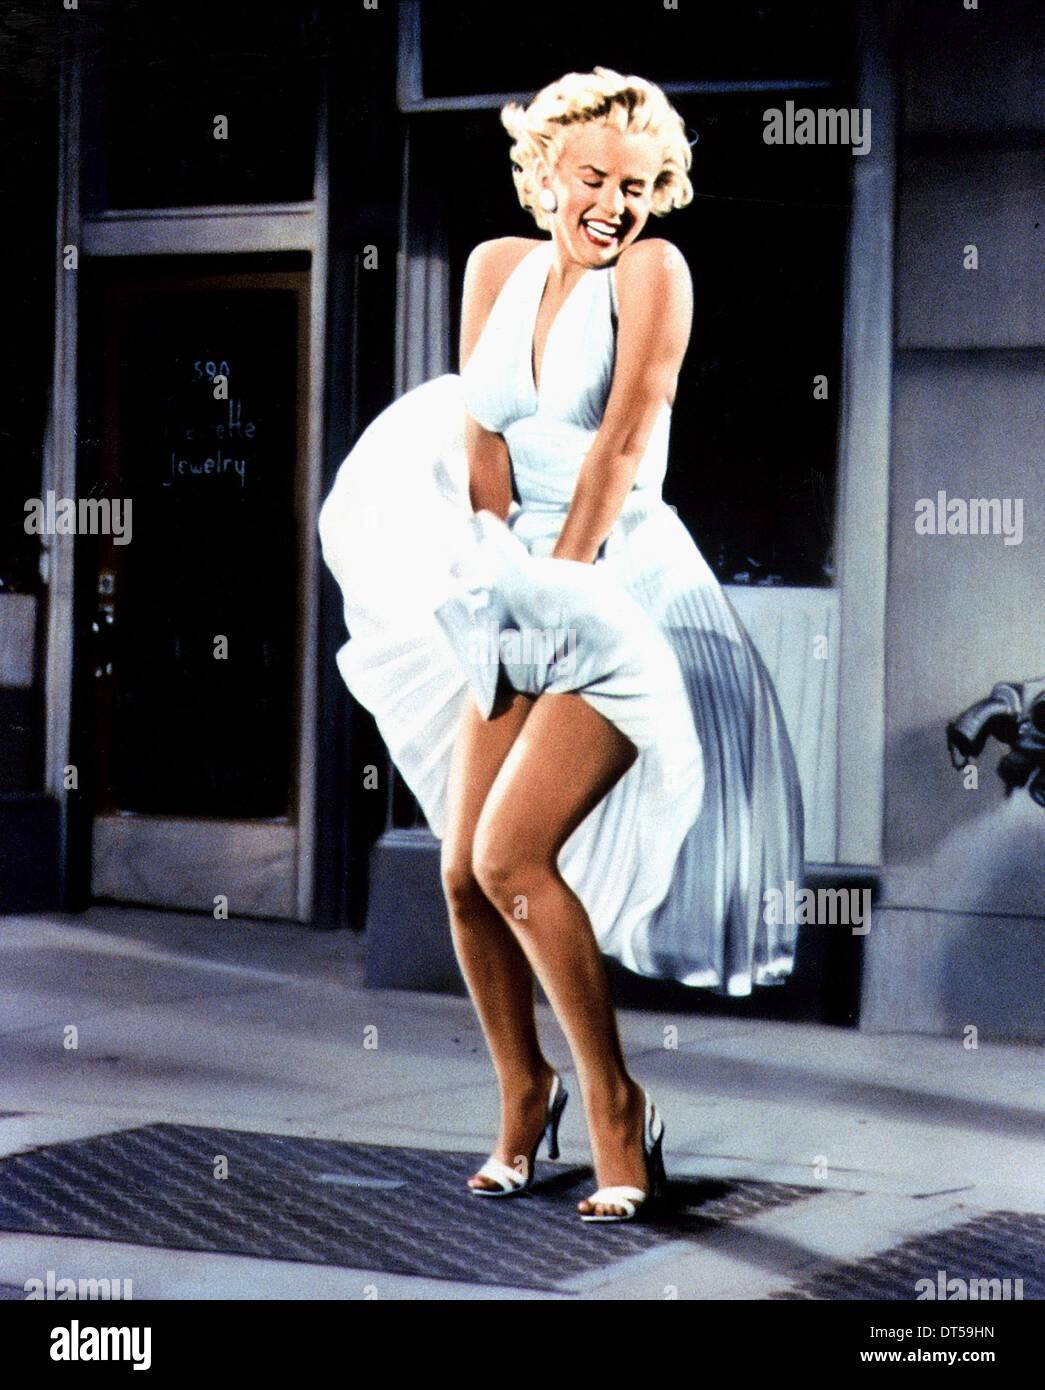 MARILYN MONROE DIE SIEBENJÄHRIGEN ITCH (1955) Stockfoto